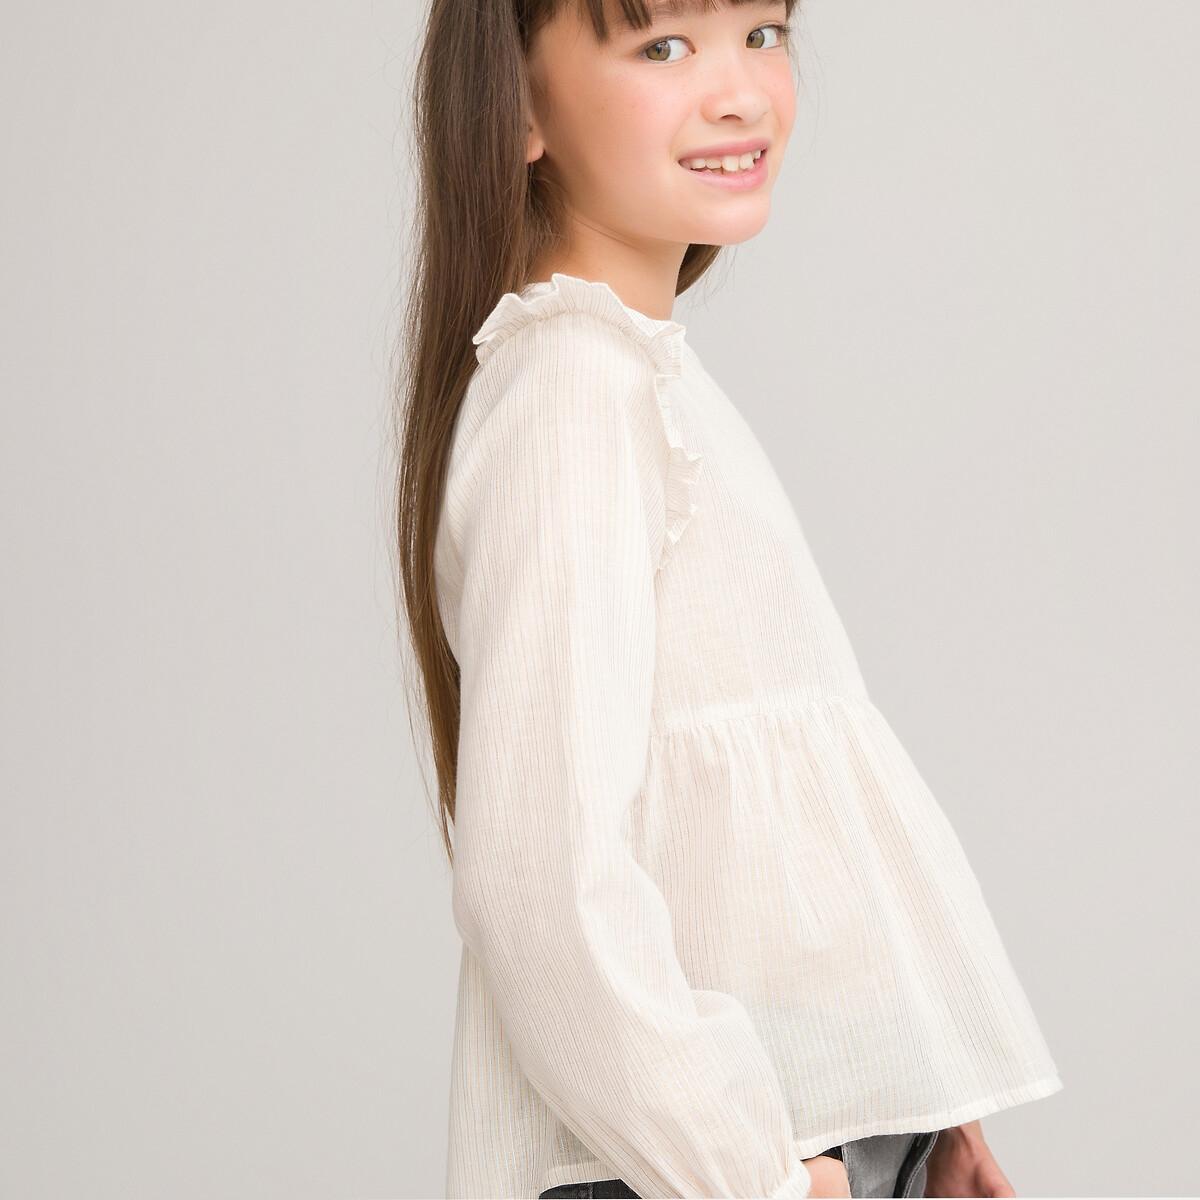 Блузка LaRedoute В полоску с длинными рукавами и воланами 3-12 лет 6 лет - 114 см бежевый